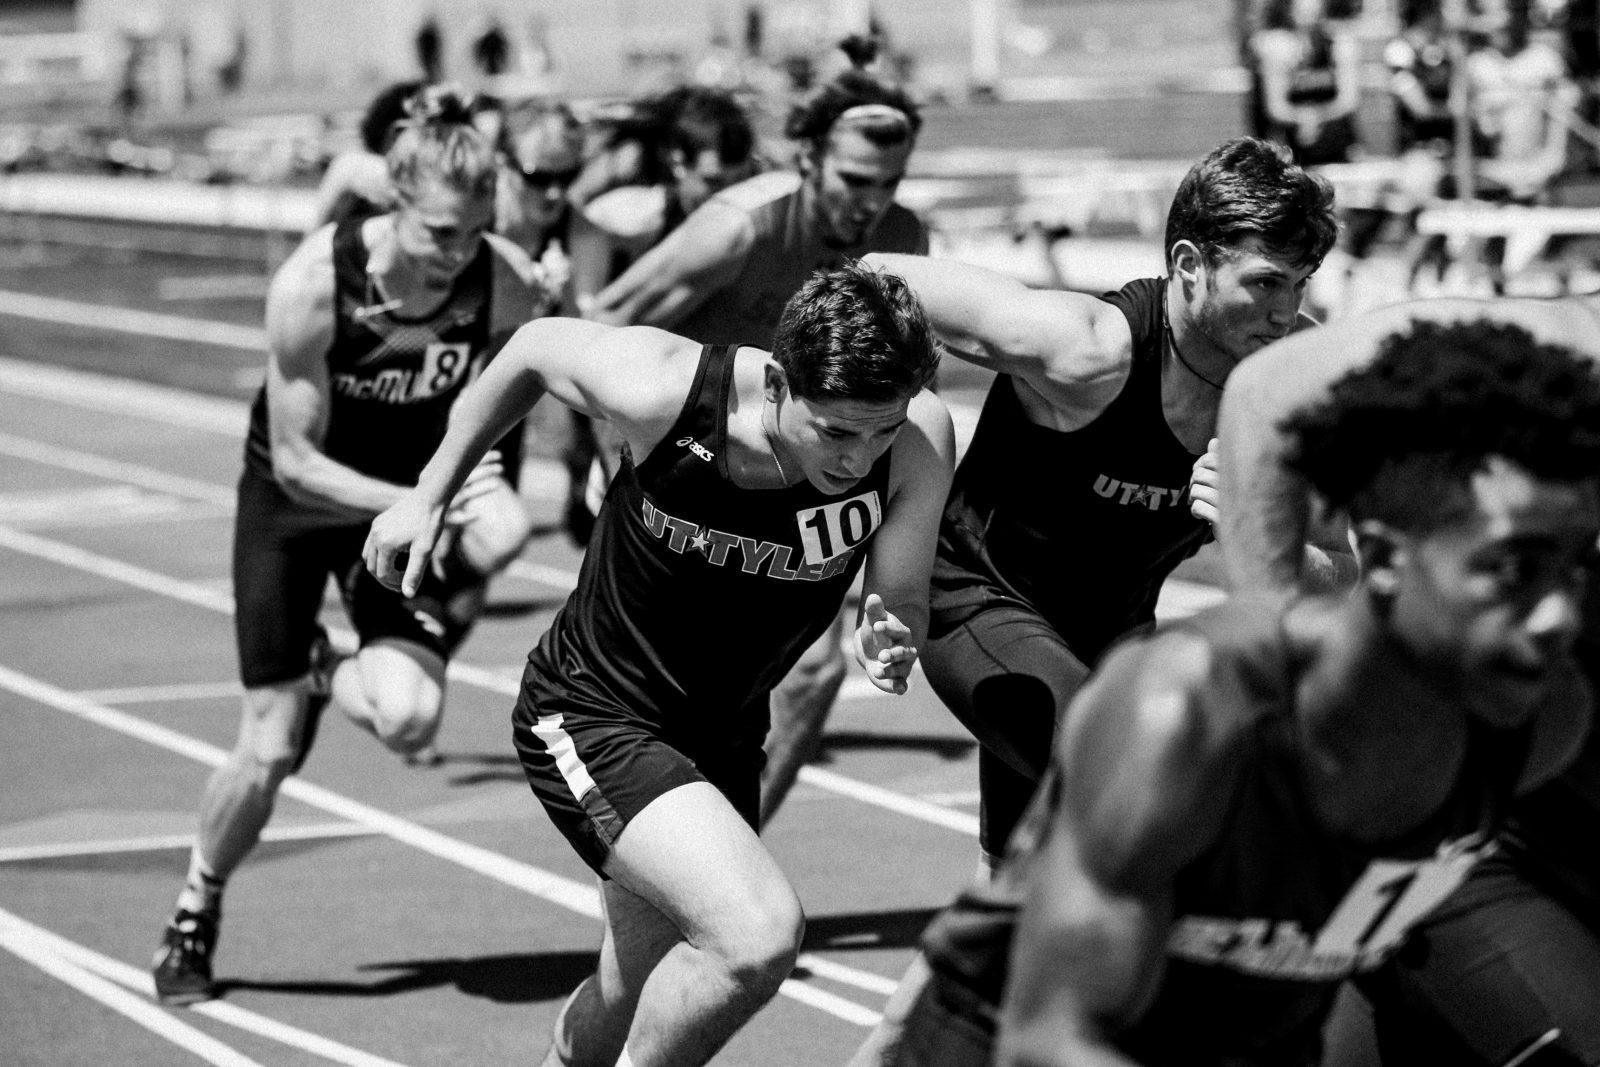 Pourquoi le sport est t-il lié à la mondialisation ?